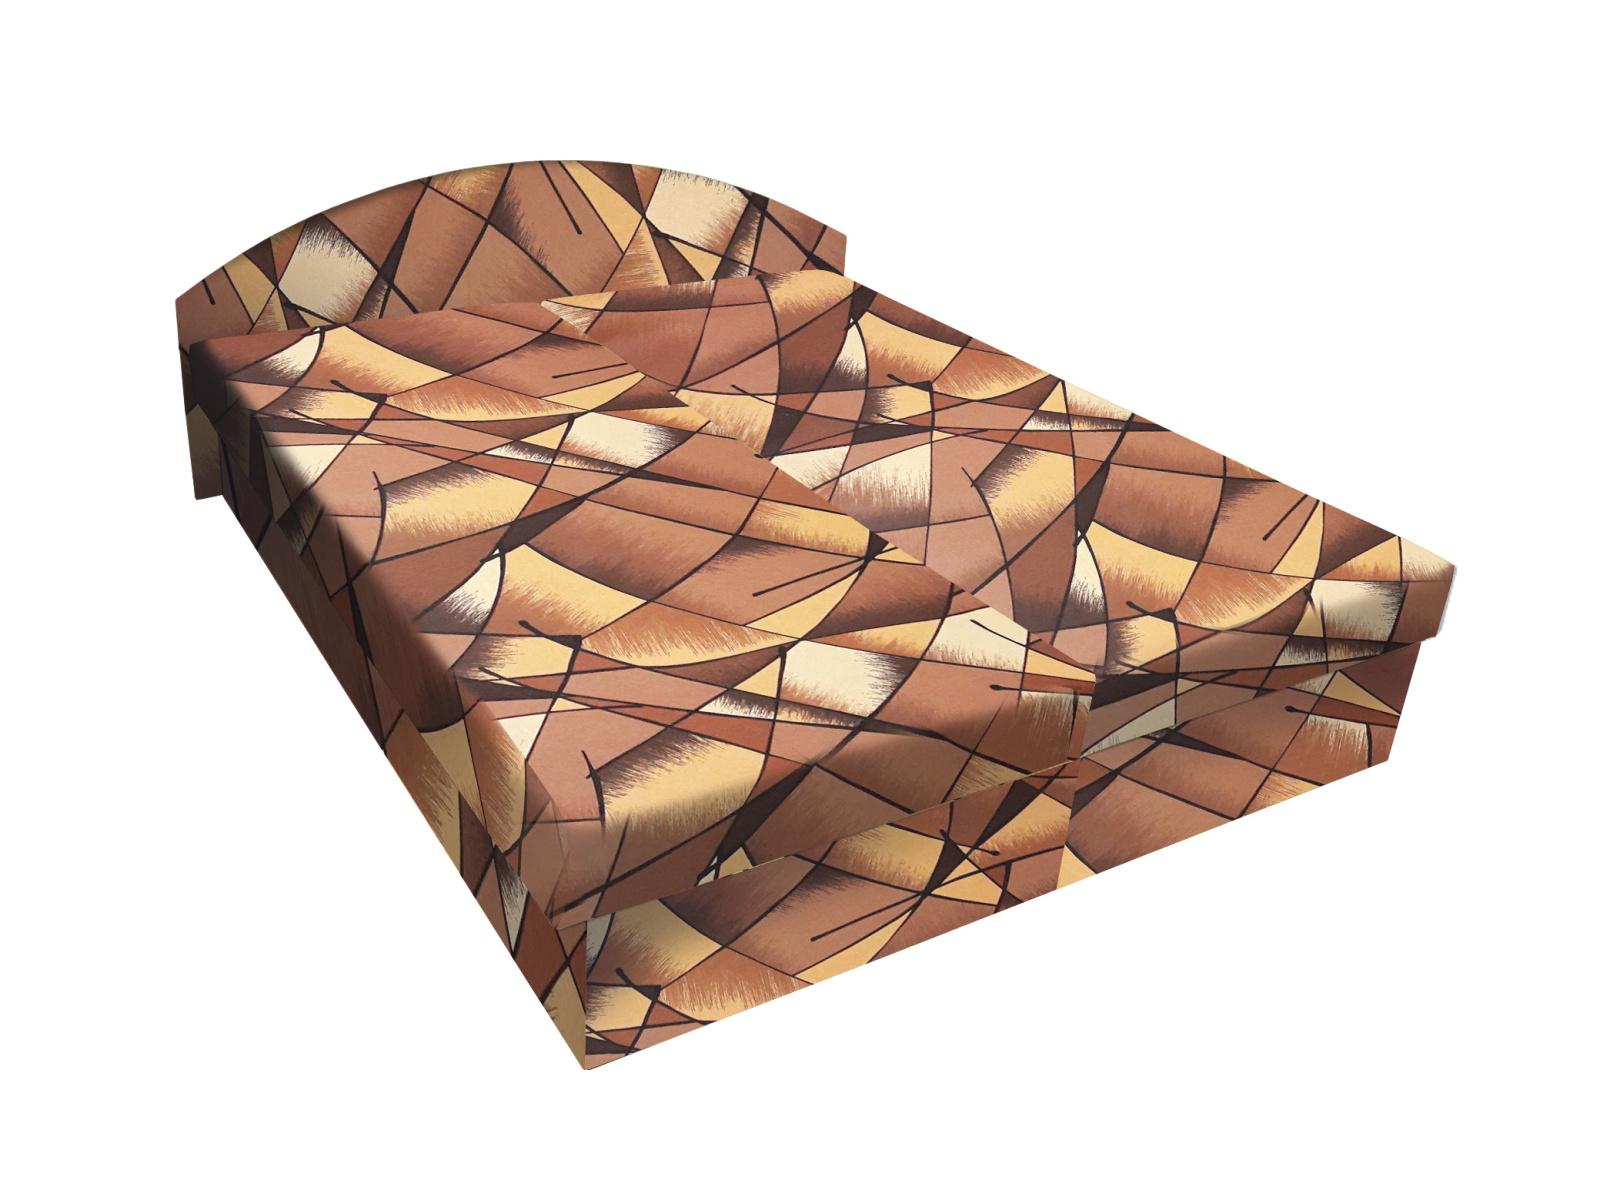 Smartshop Čalouněná postel ÁJA 180x200 cm, hnědožlutá látka